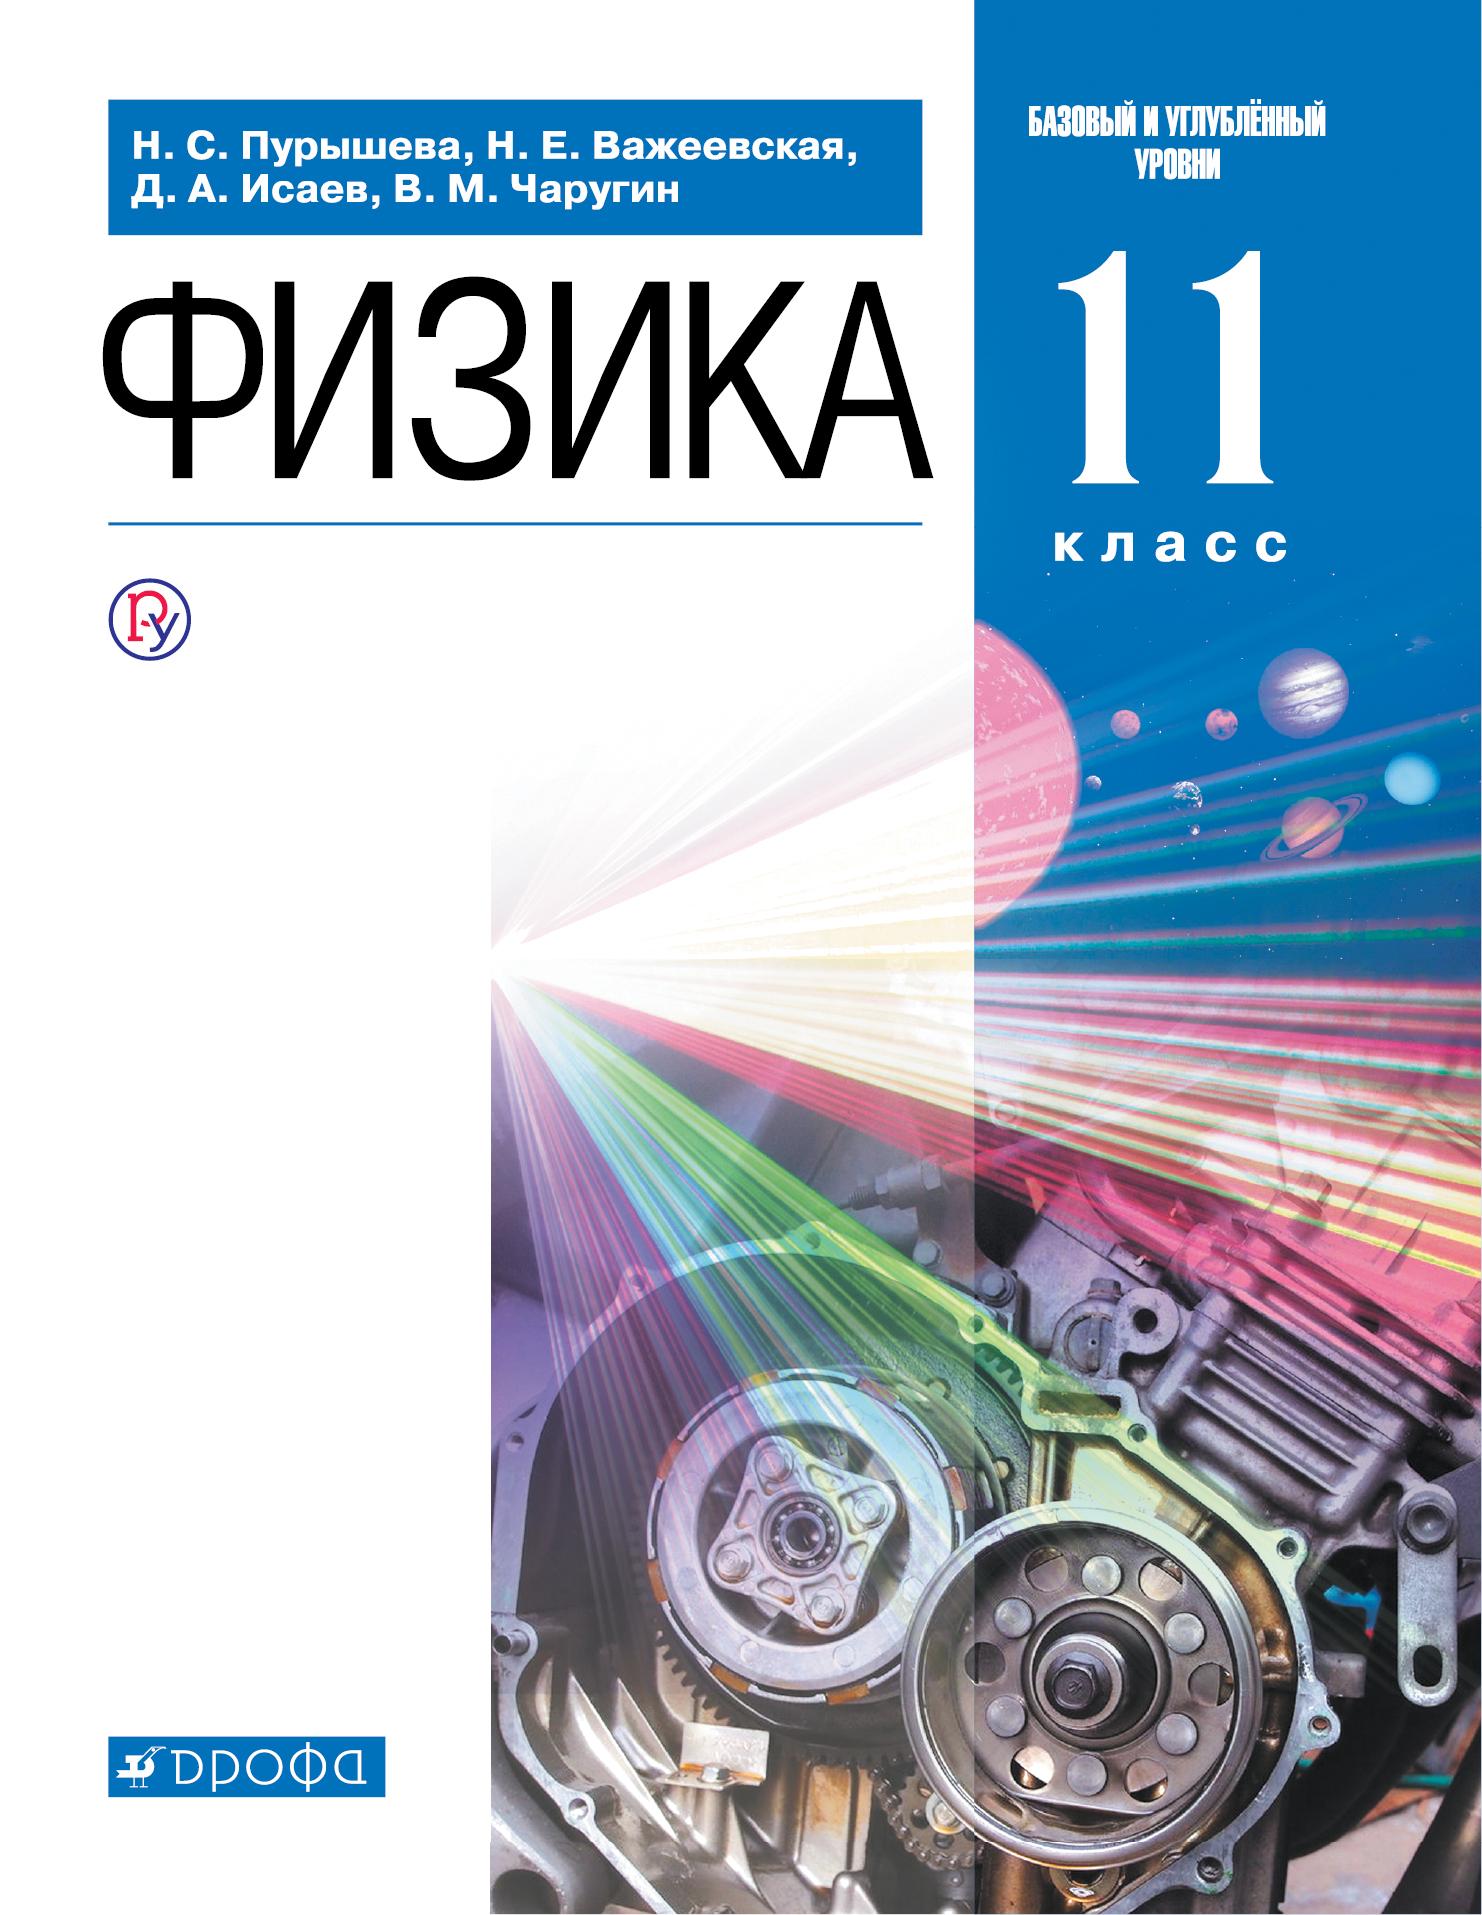 Пурышева, Физика, 11 кл, Учебник, Базовый и Углубленный Уровени, Вертикаль (Фгос)